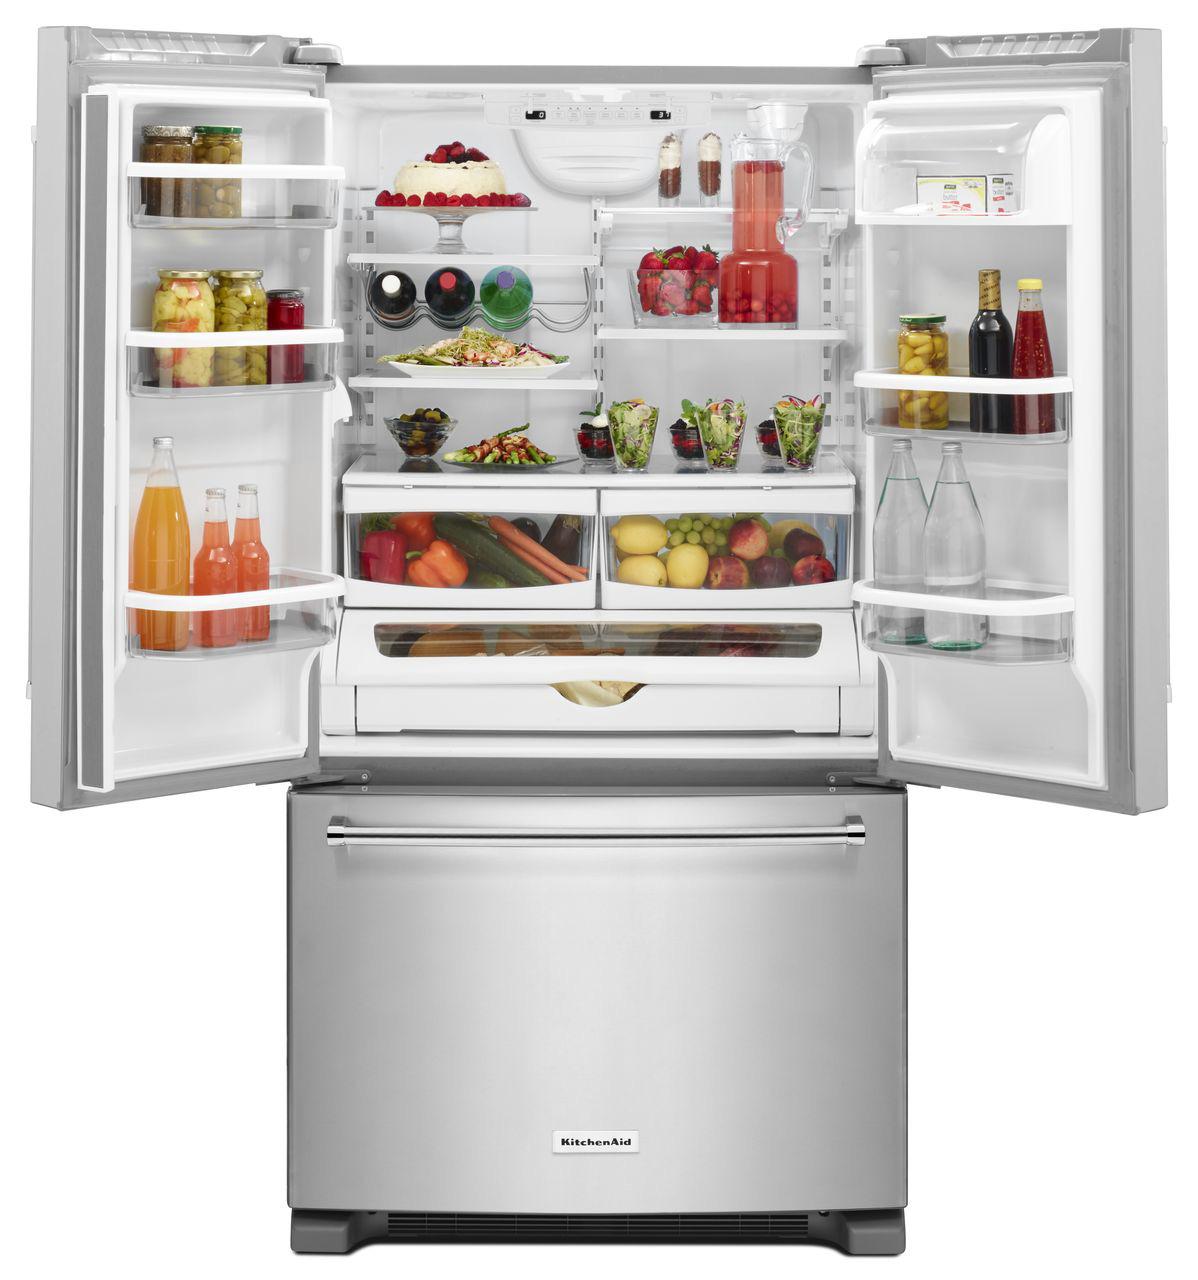 Kitchenaid 25 Cuft French Door Refrigerator Krff305ess